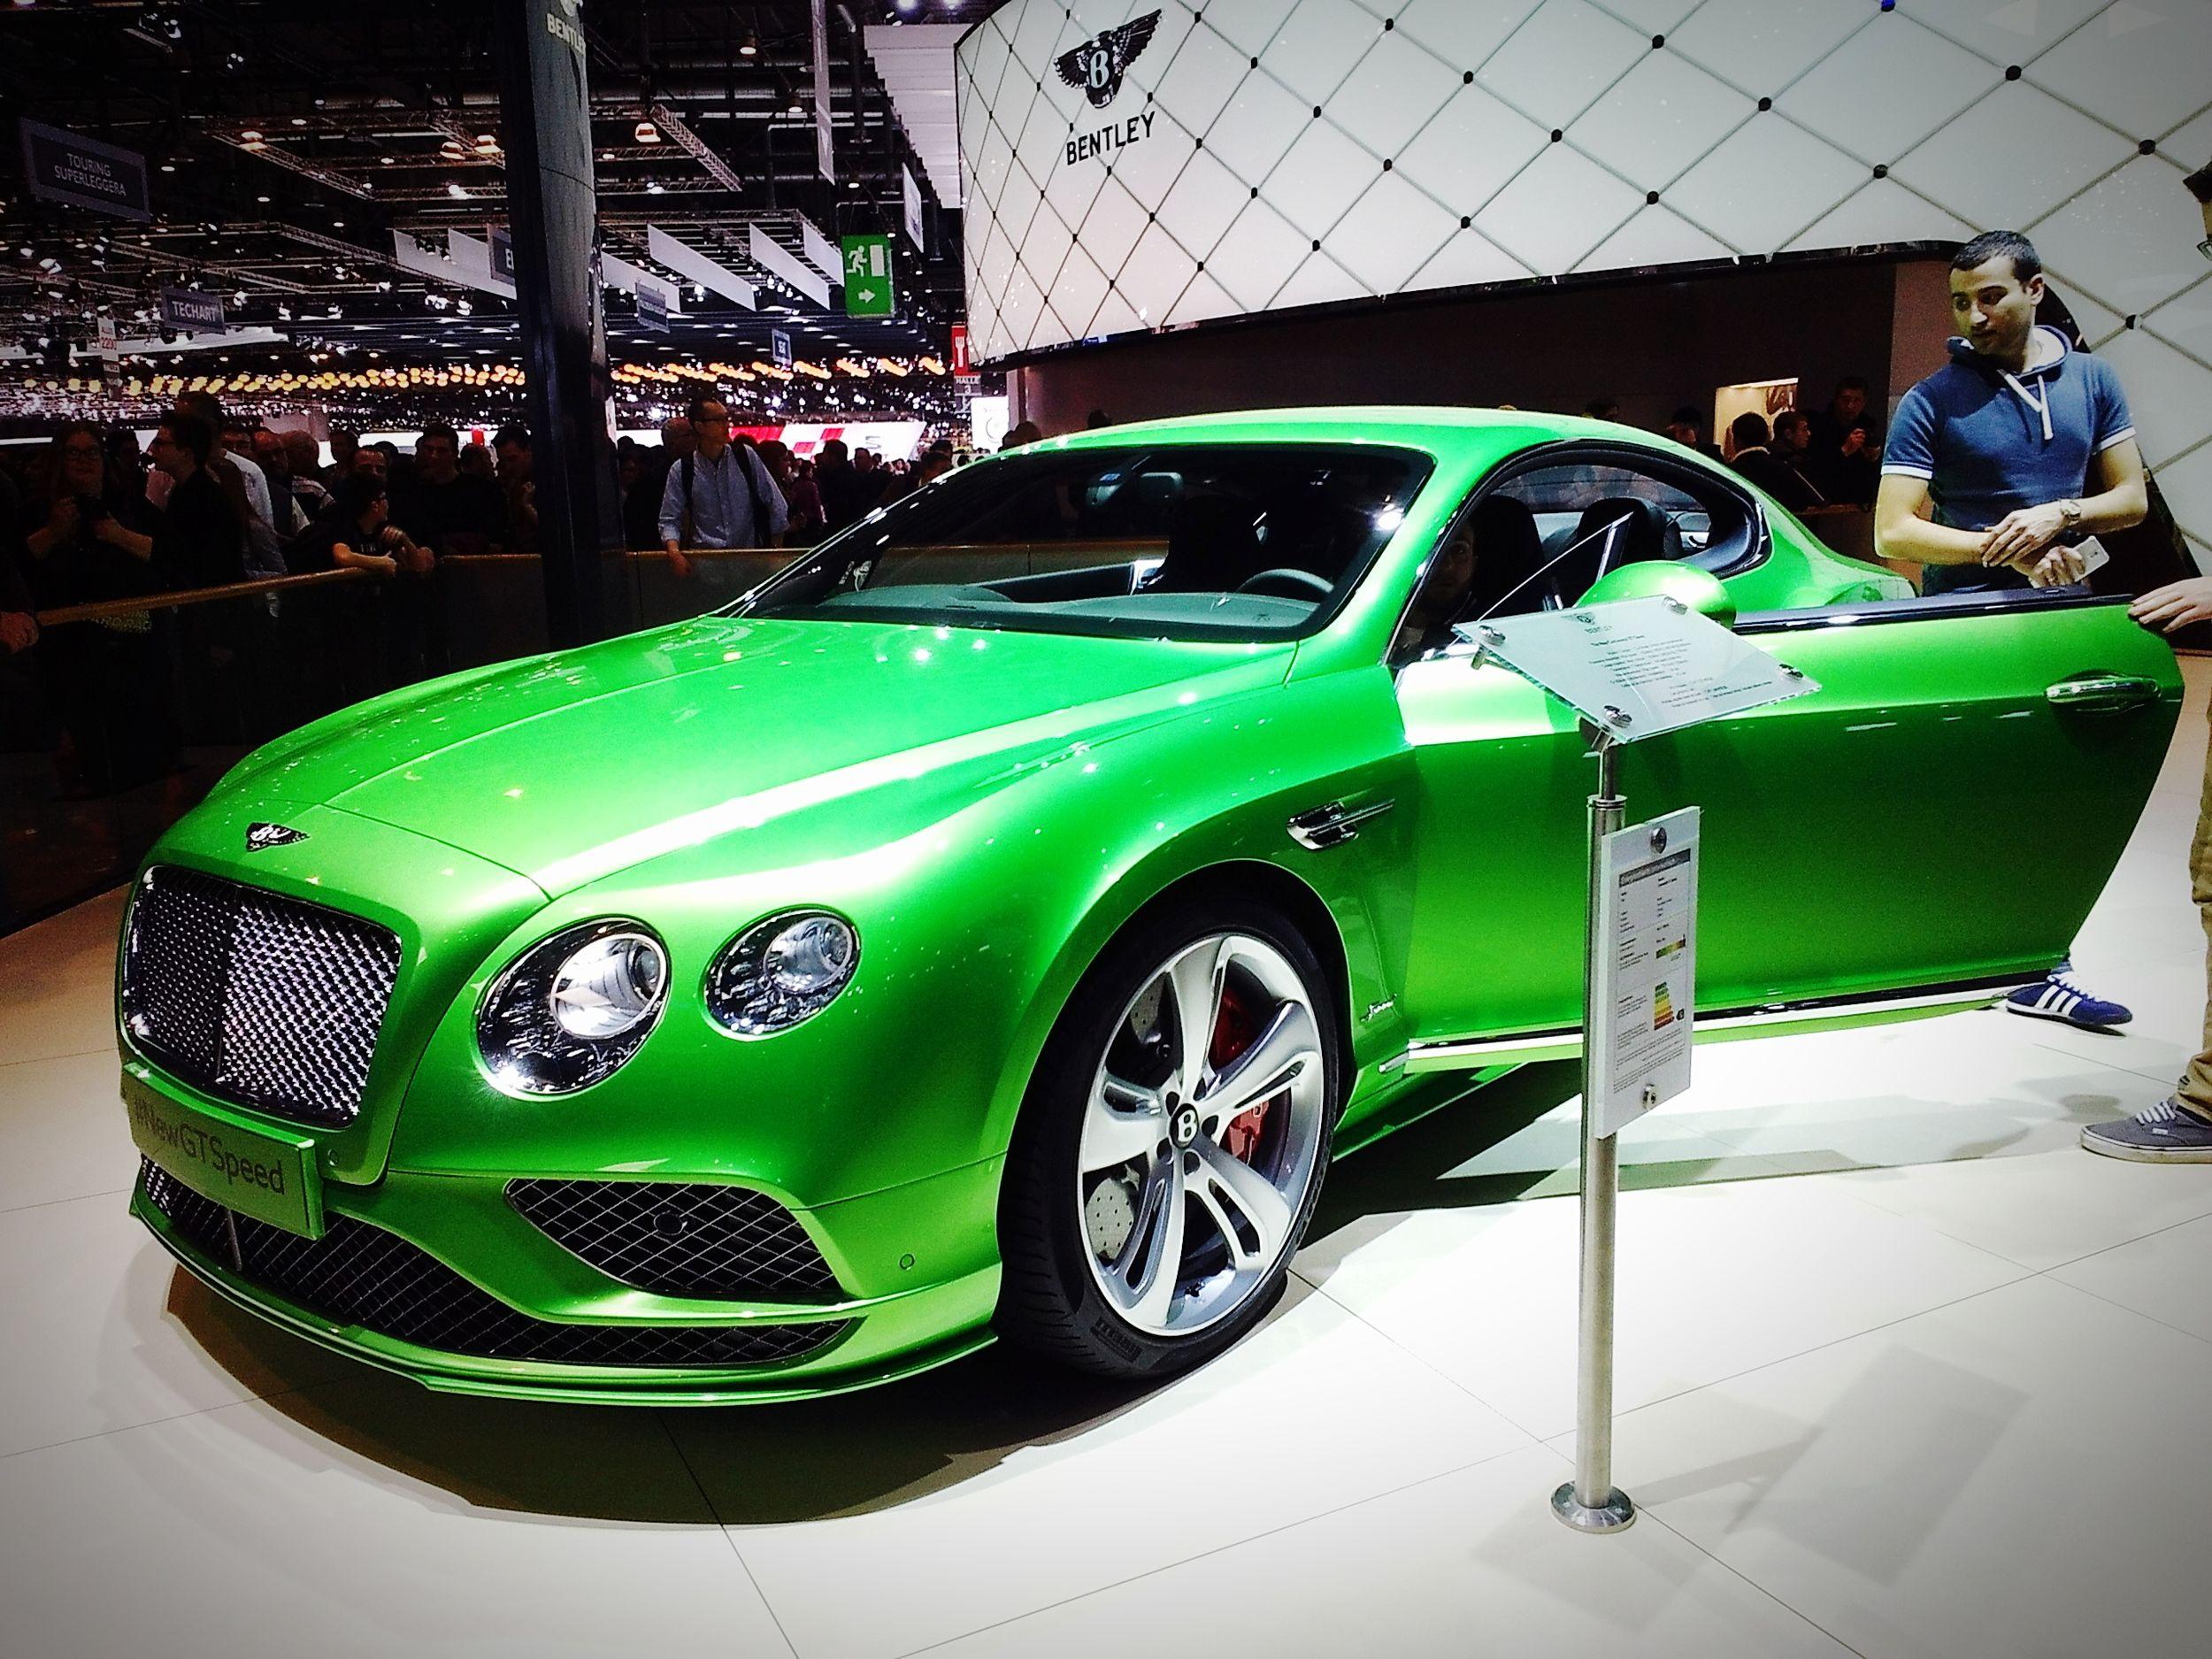 Bentley Bentley Continental GT Speed Apple Green GenevaInternationalMotorShow2015 GIMS2015 Swiss